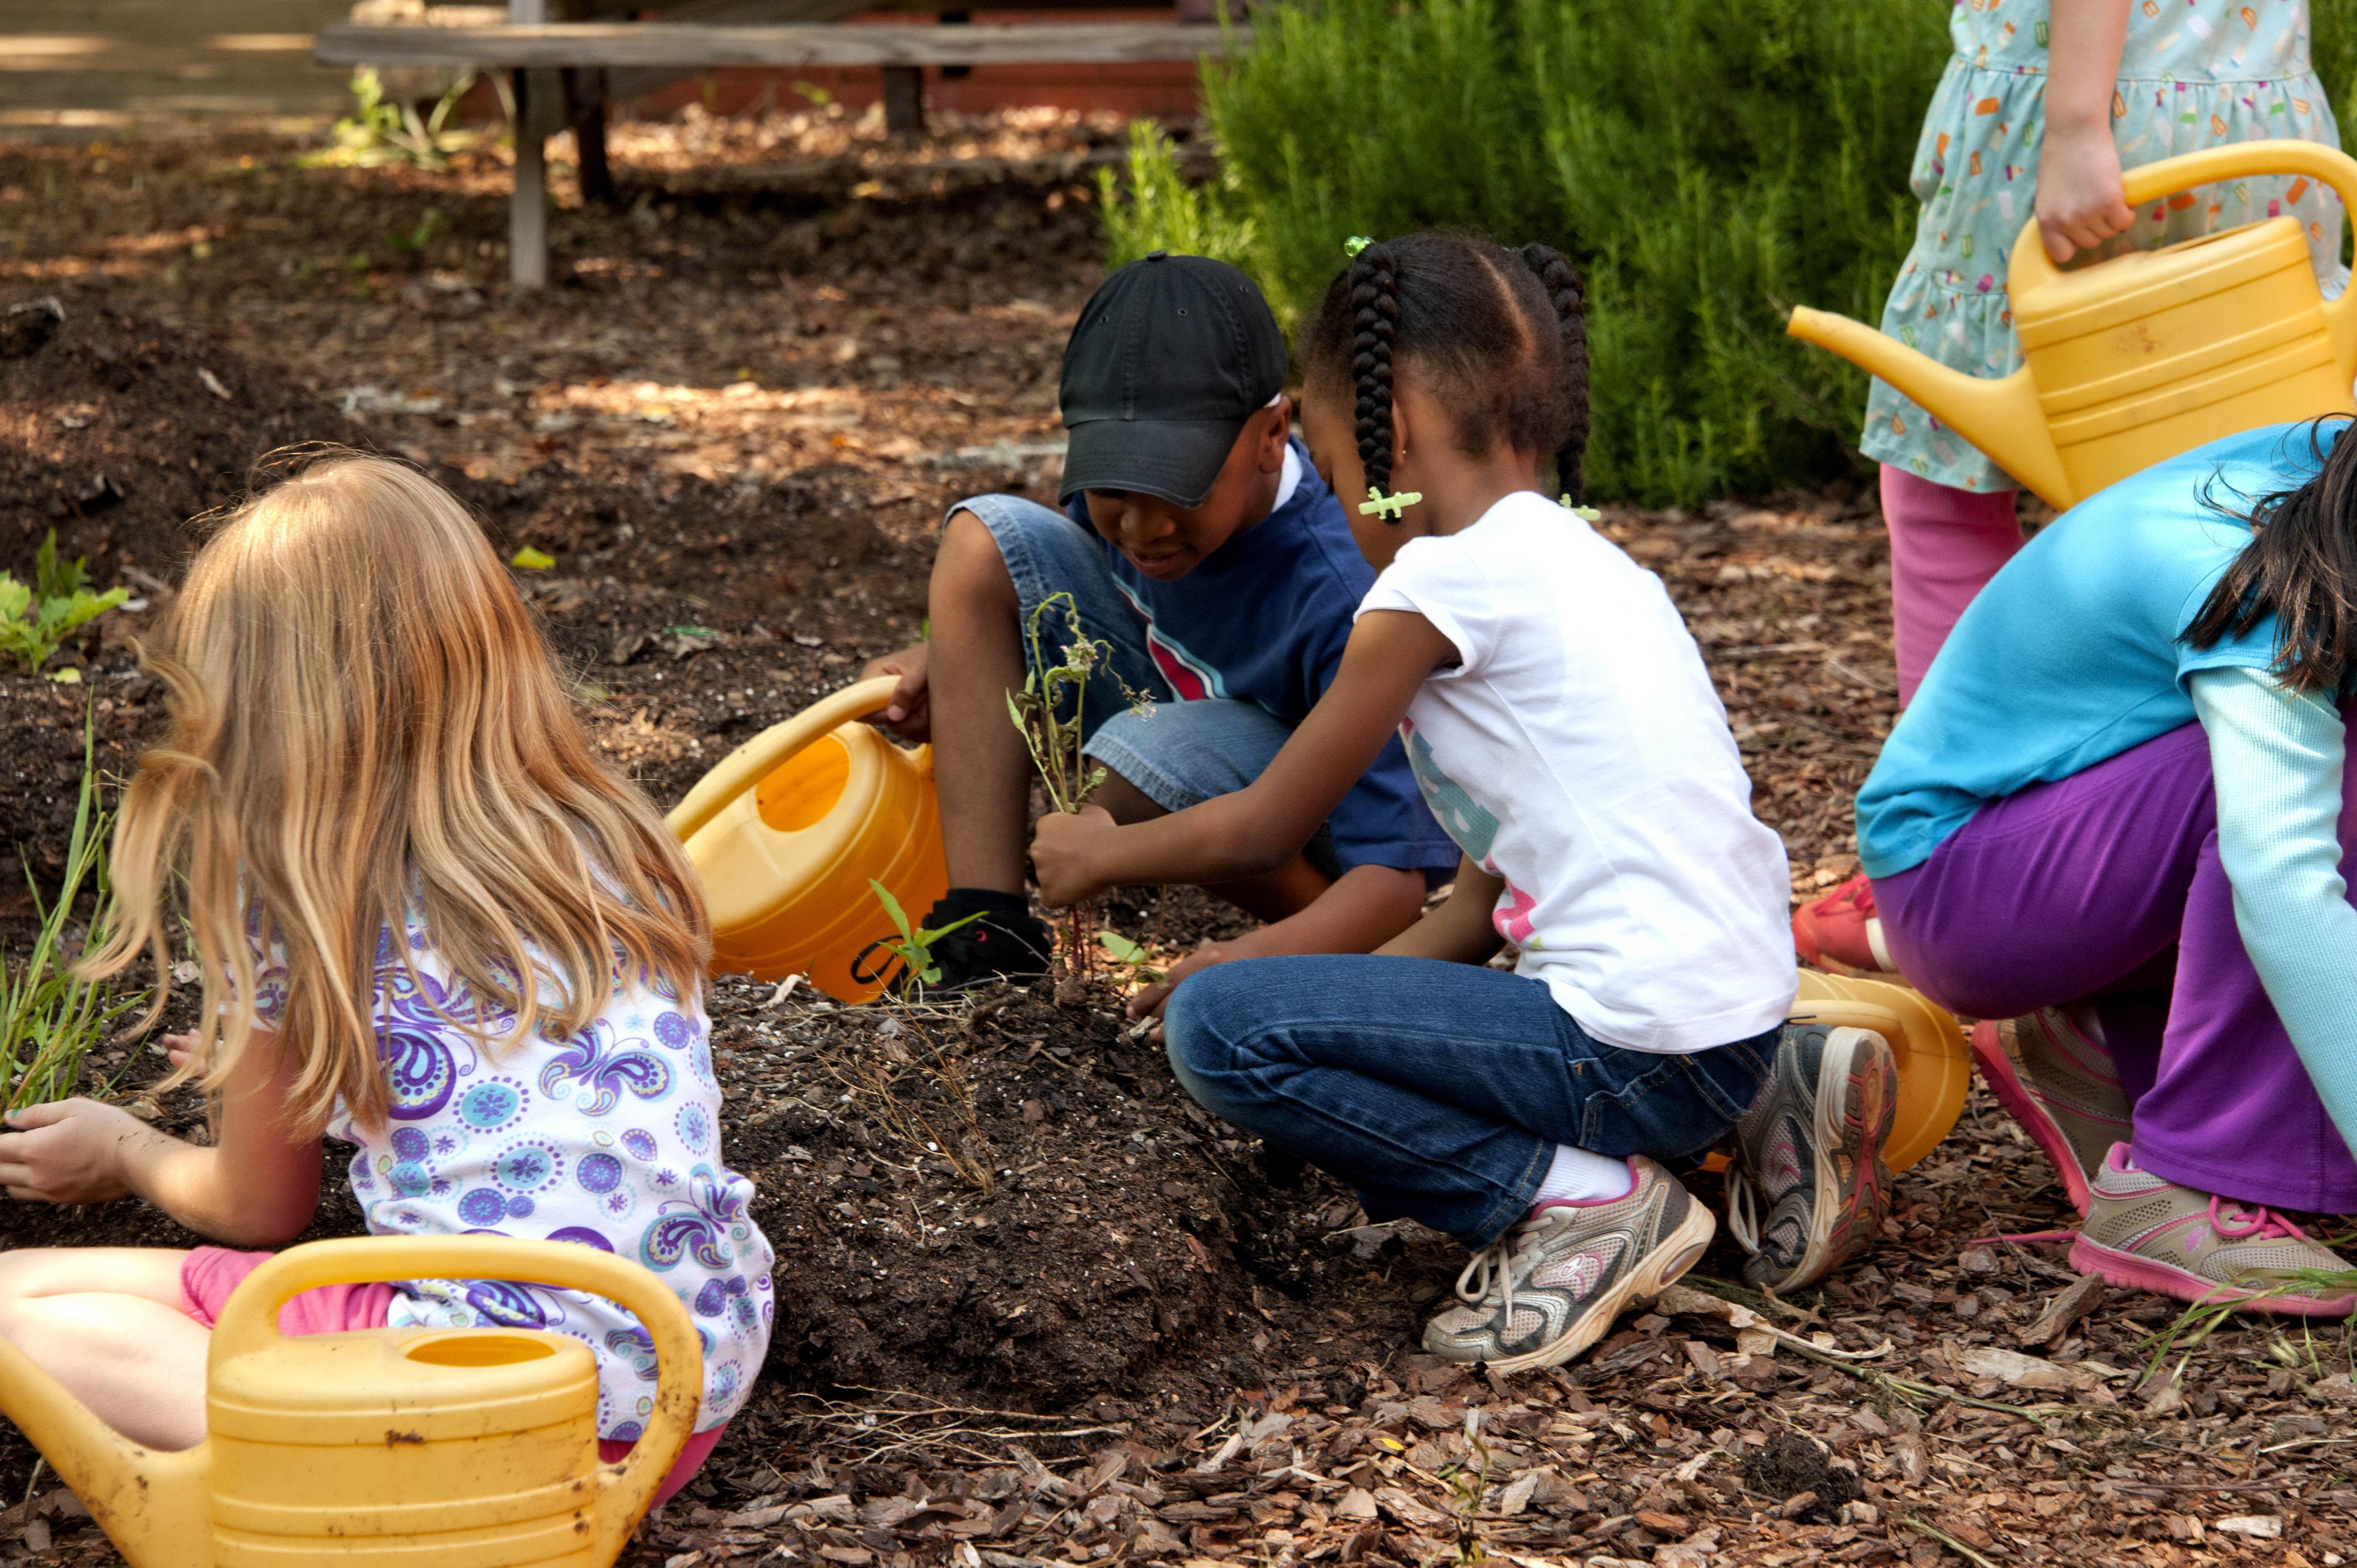 activité nature enfant